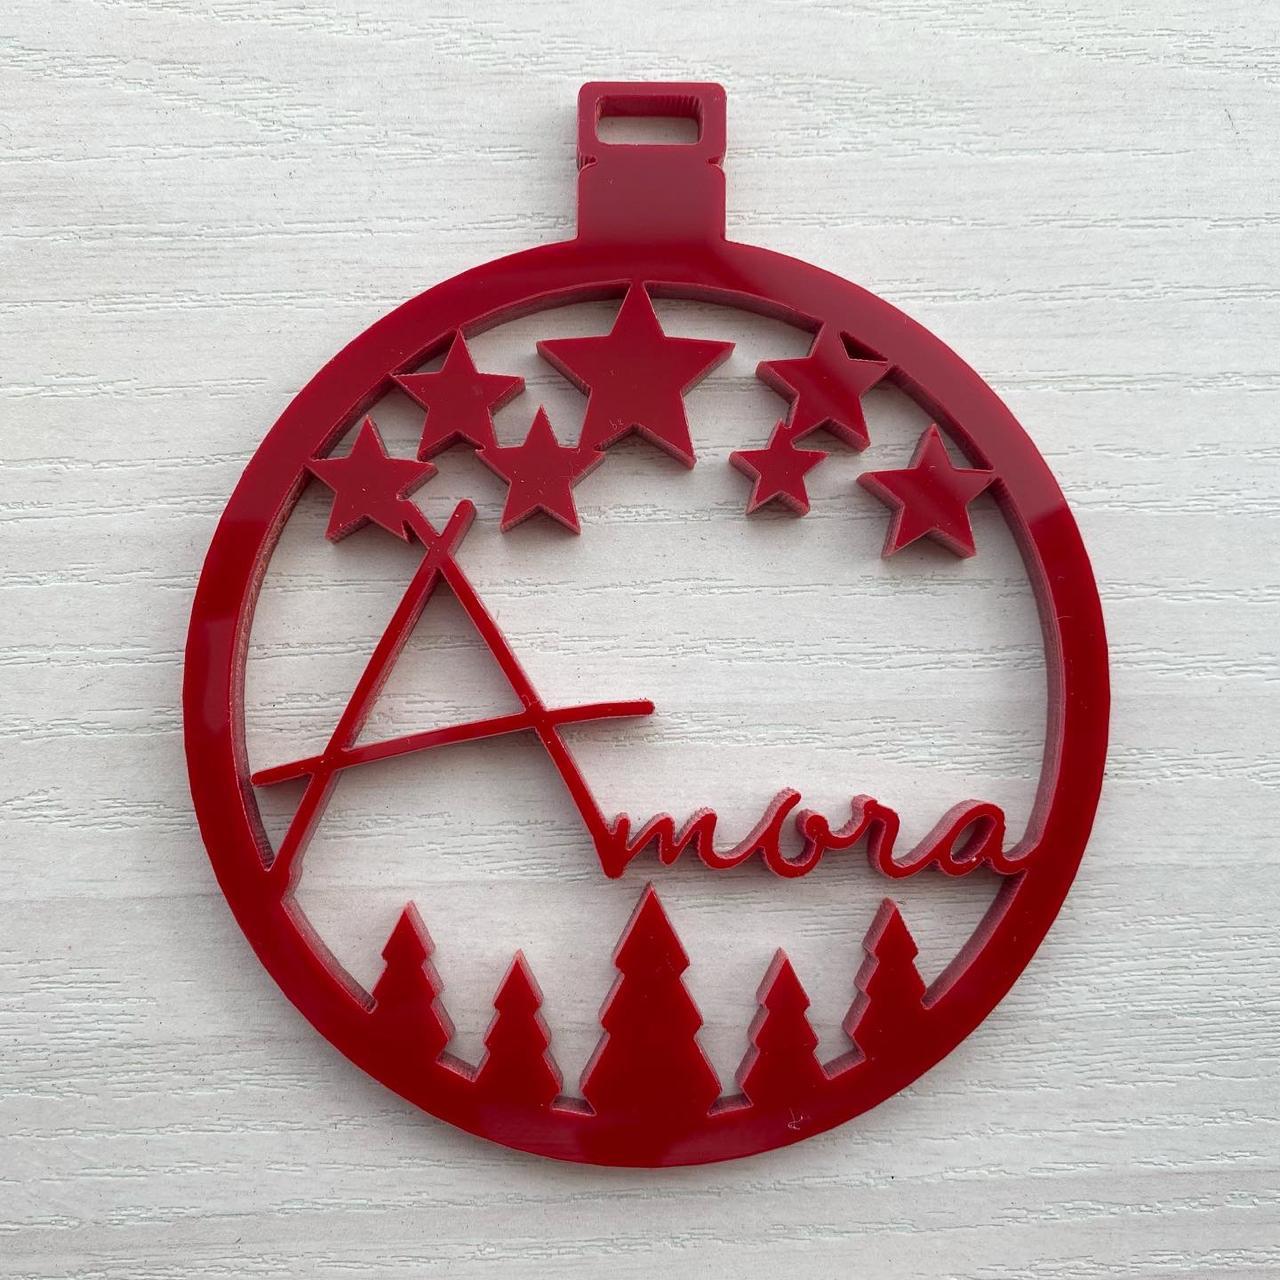 Kit 2 Bola de Natal Personalizada em Acrílico Vermelho 9cm